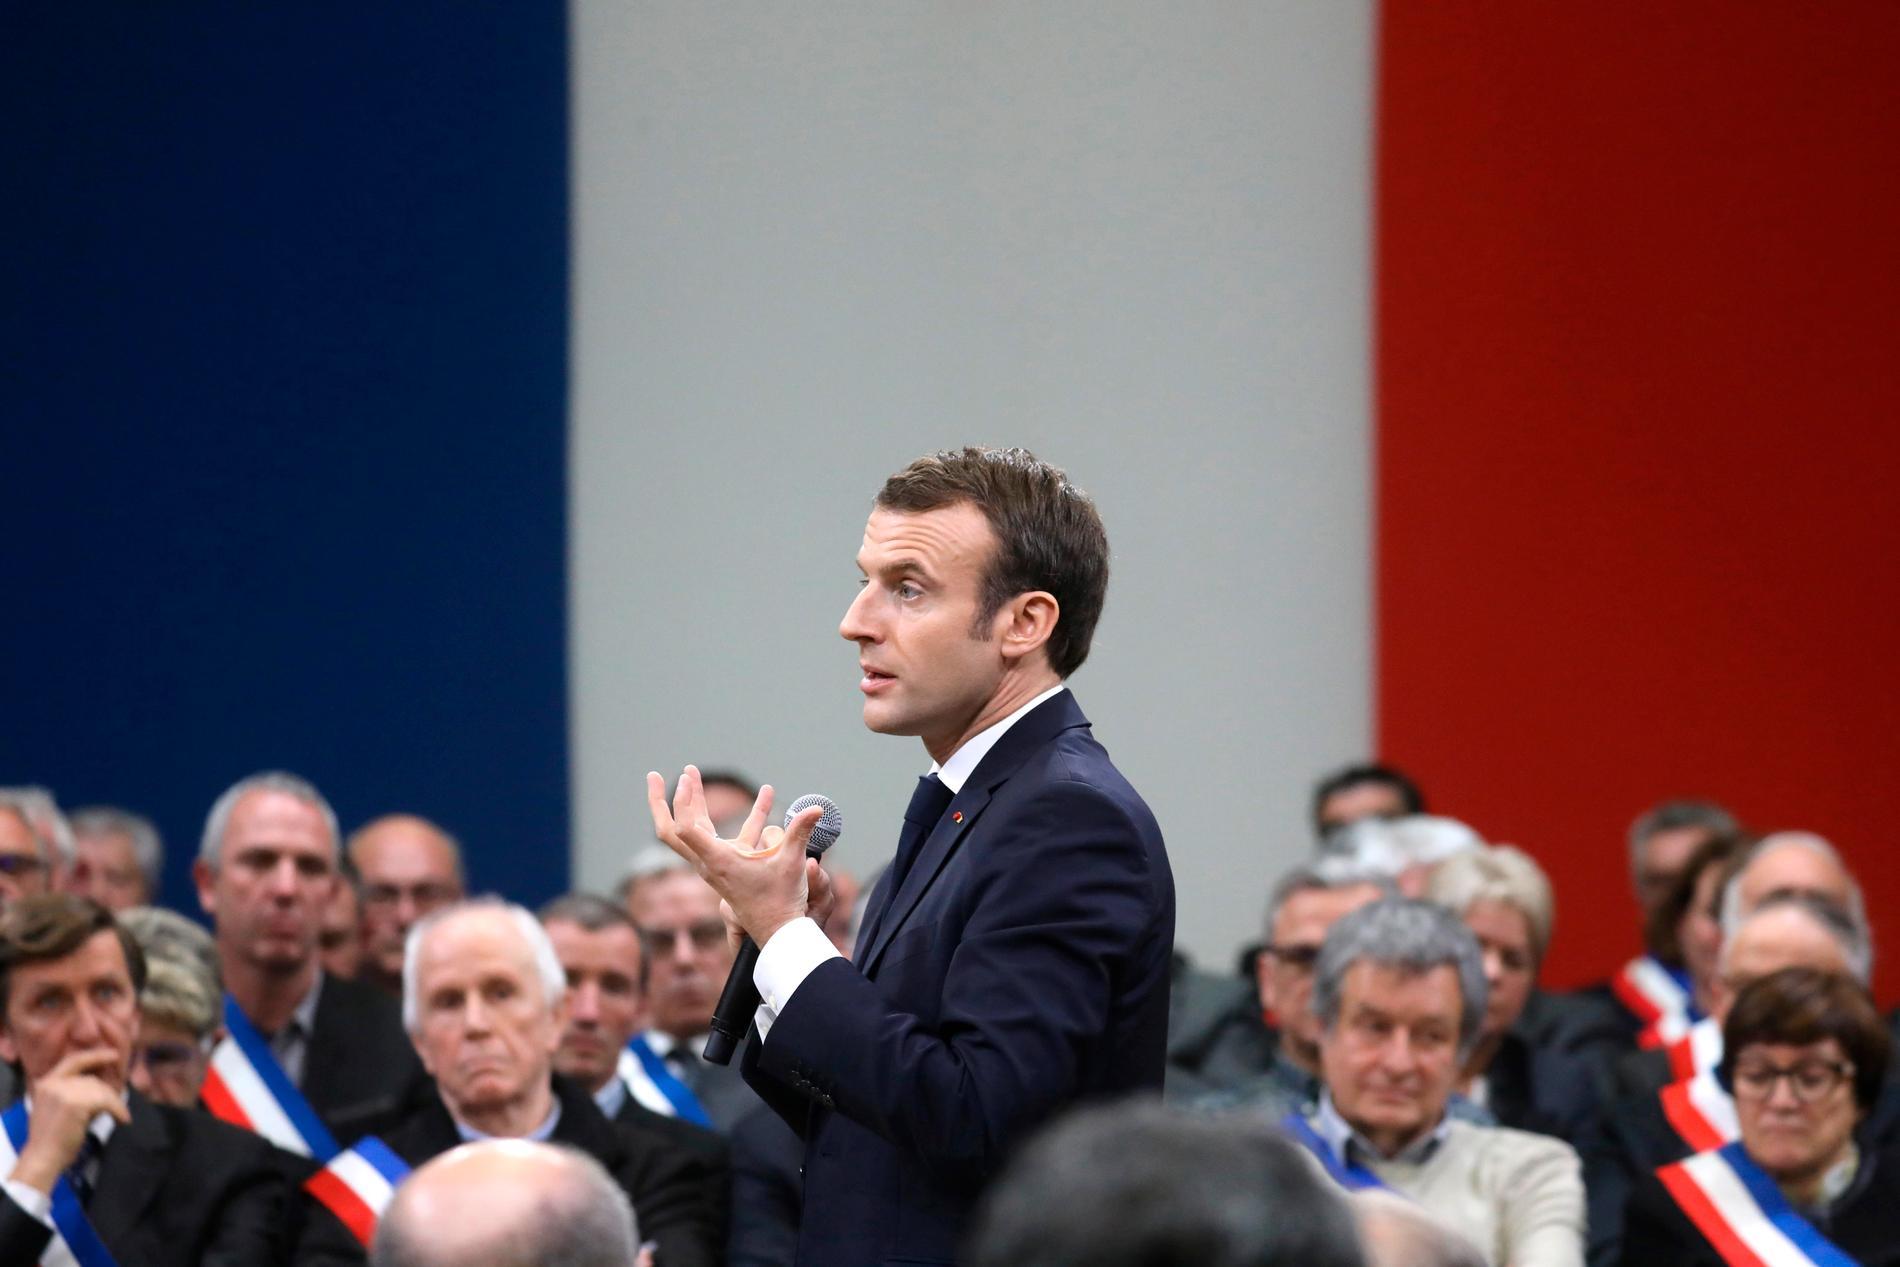 Frankrikes president Emmanuel Macron vid ett debattmöte i Souillac i södra Frankrike. Arkivbild från 18 januari.